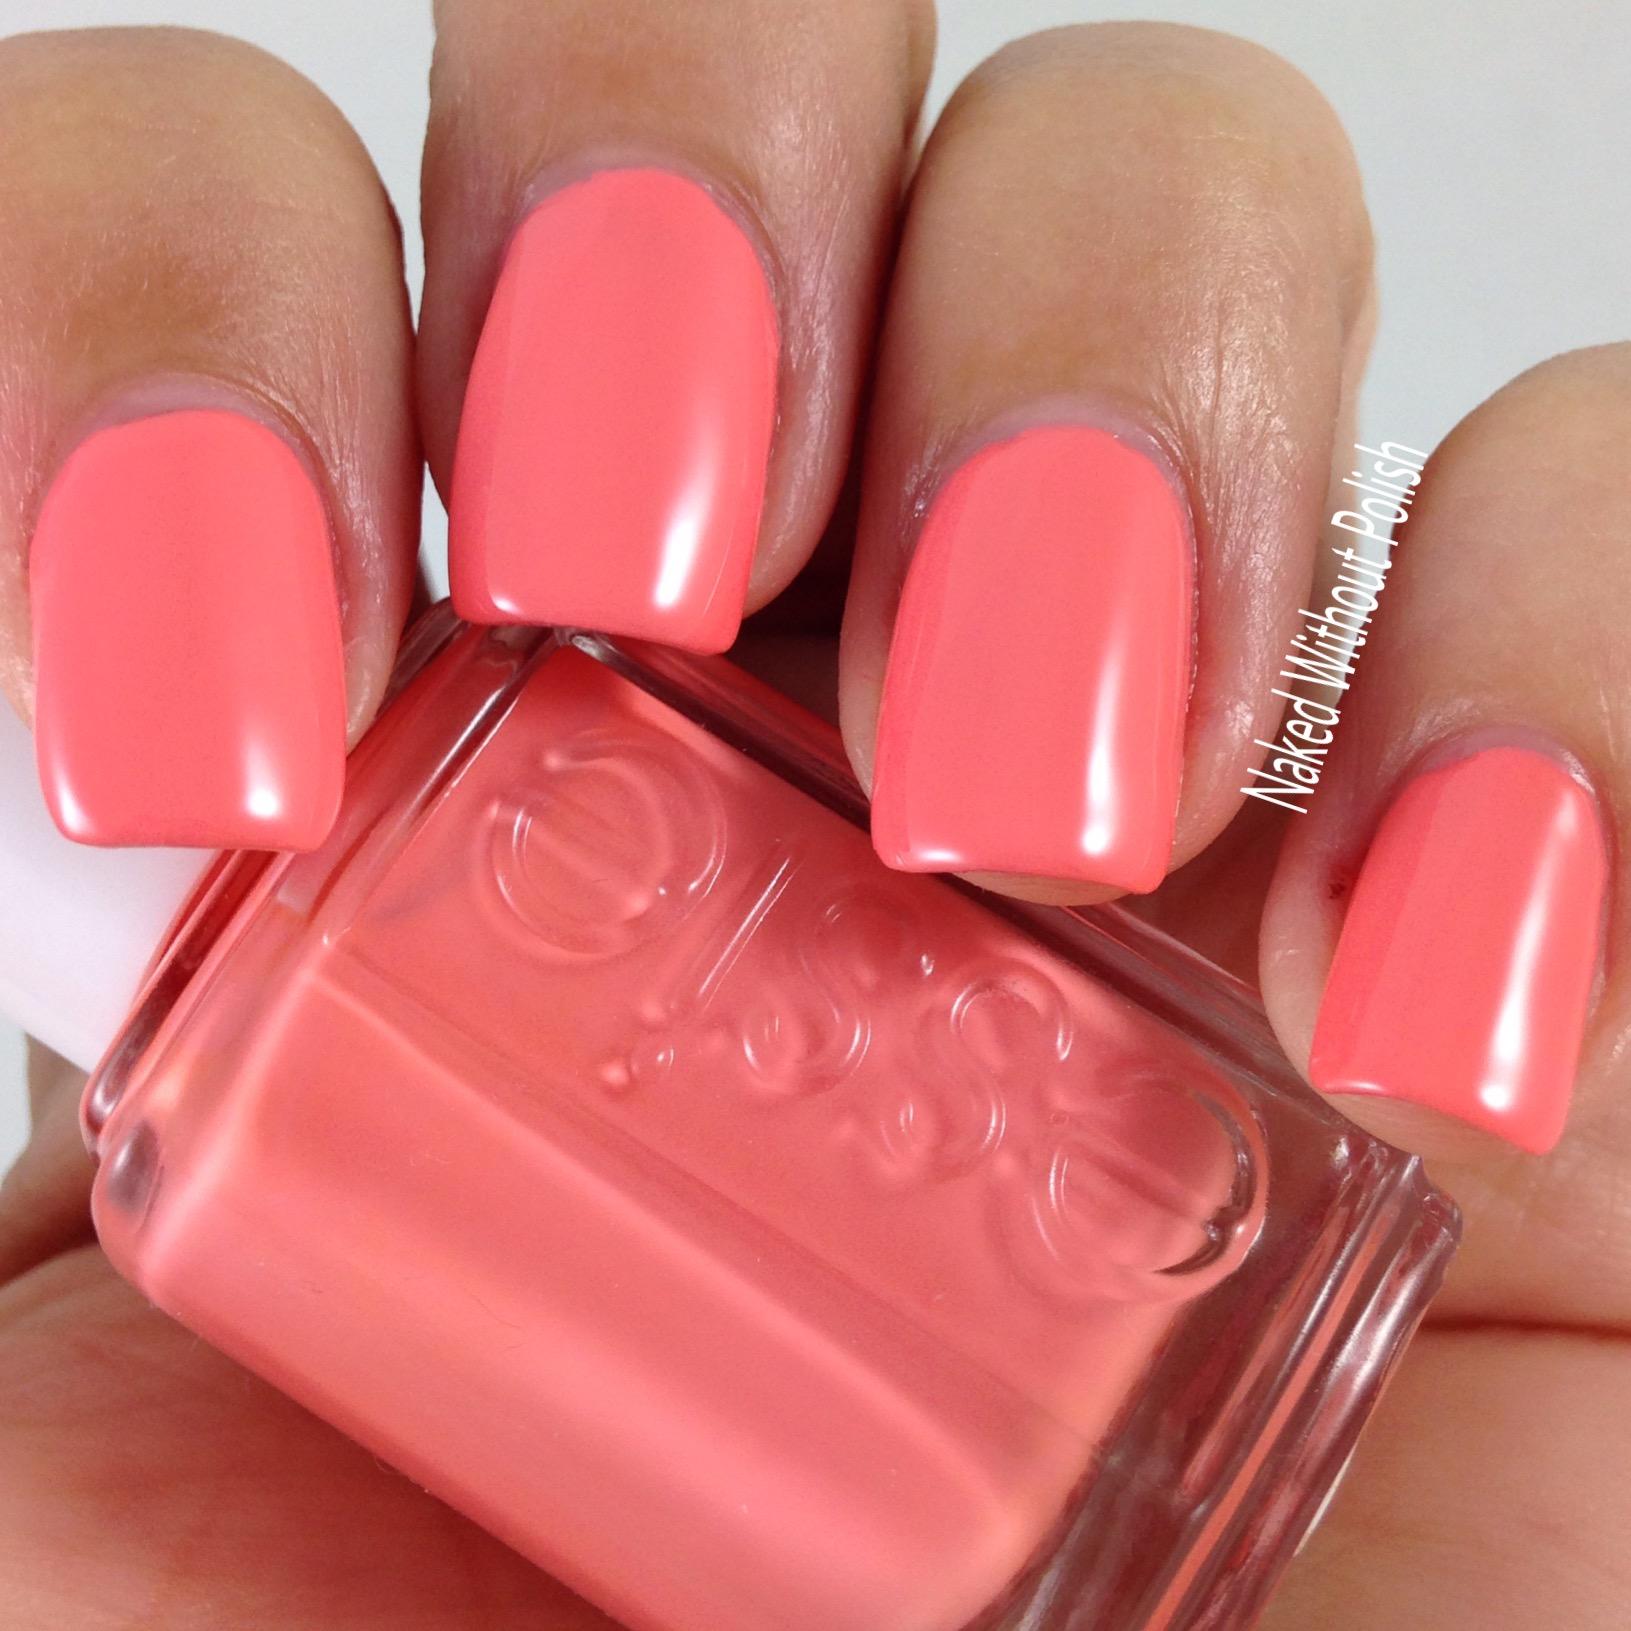 Essie-Preen-Me-Peach-Side-Babe-4